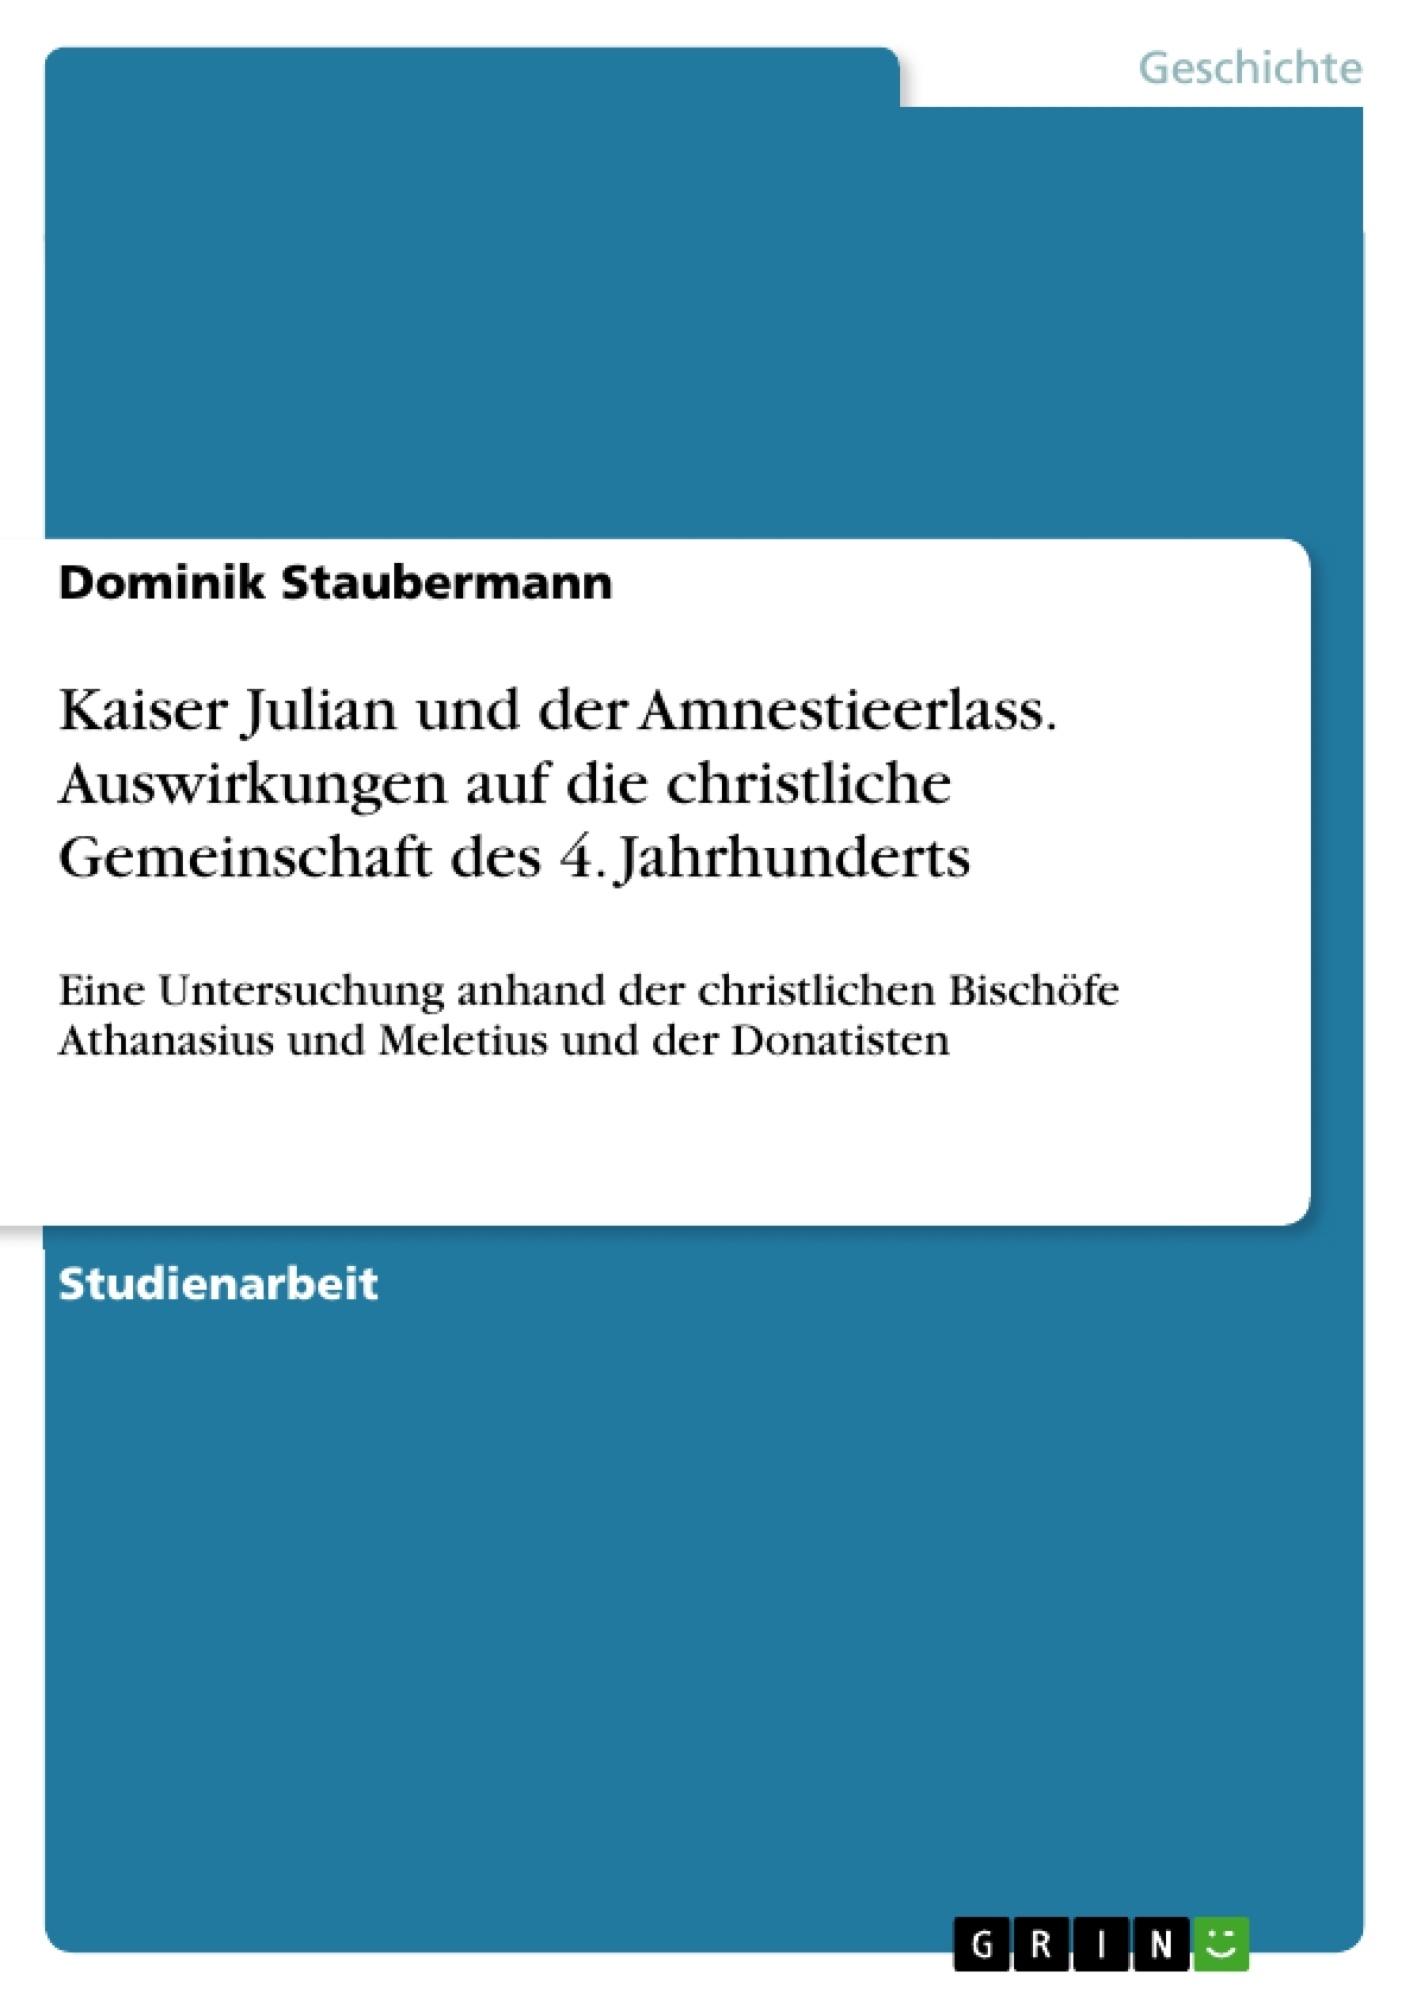 Titel: Kaiser Julian und der Amnestieerlass. Auswirkungen auf die christliche Gemeinschaft des 4. Jahrhunderts